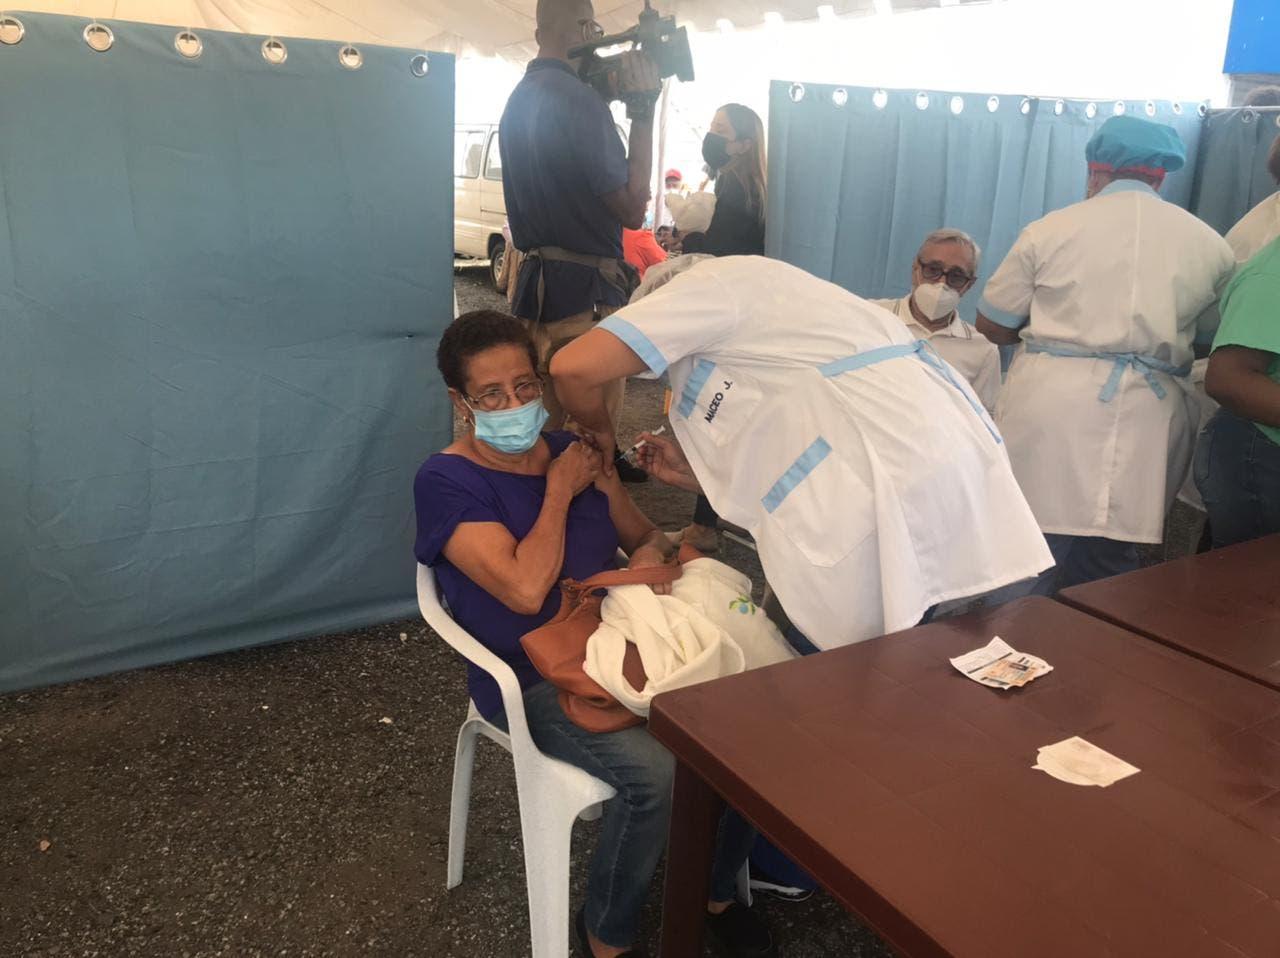 Provincia Espaillat, próxima candidata a liberarse del toque de queda; San Cristóbal mantiene peor índice de vacunación